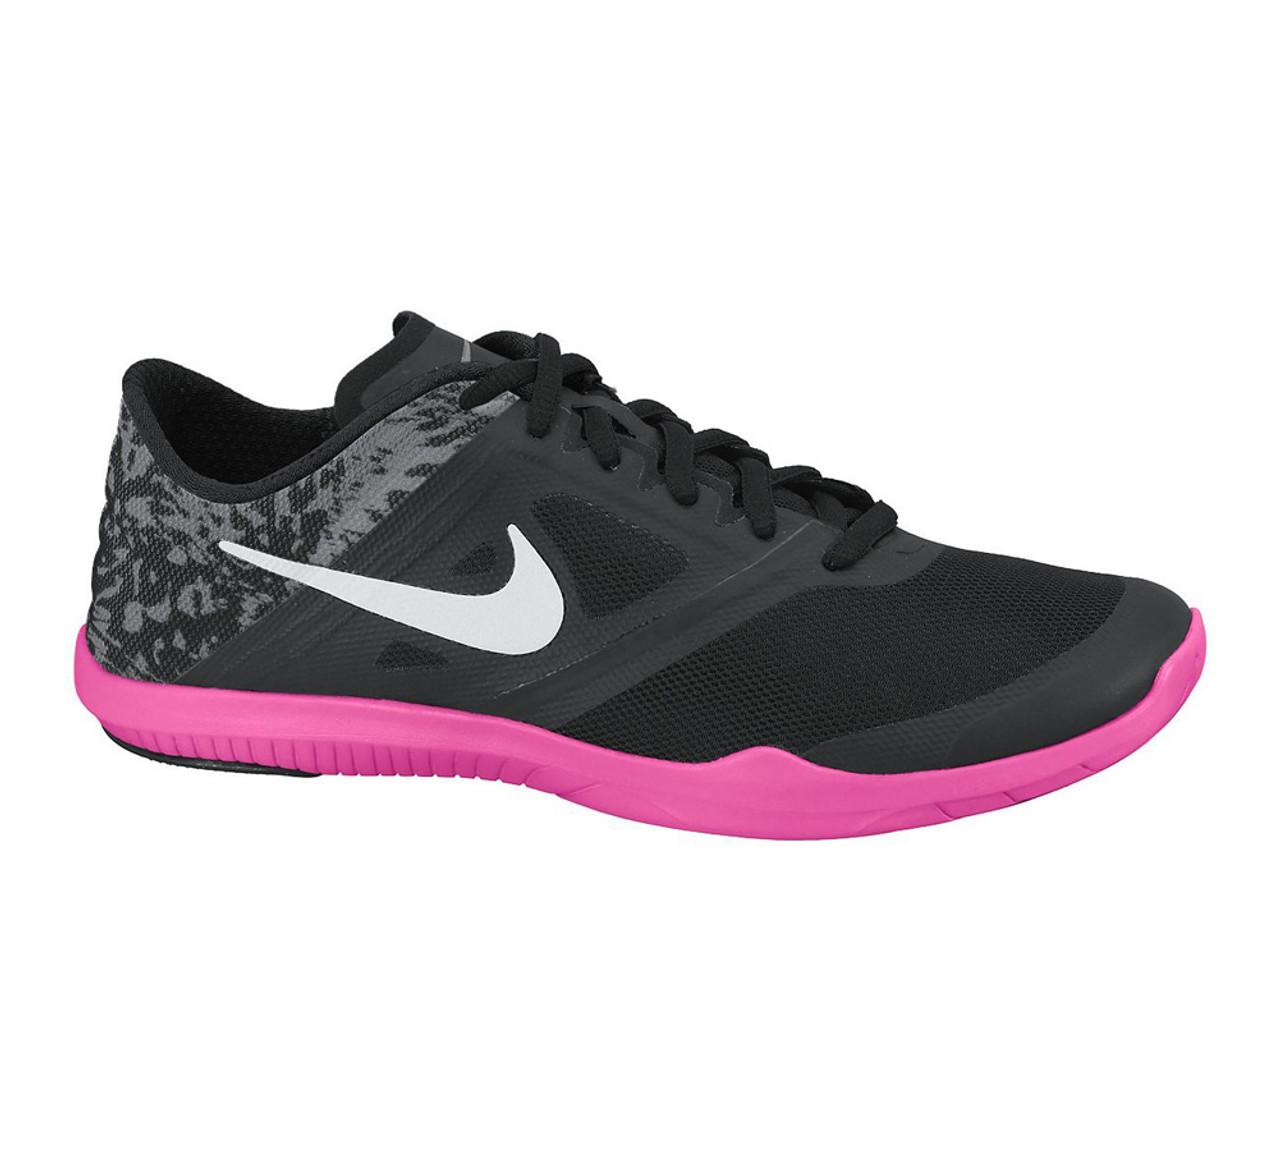 Discount Nike Ladies Athletic